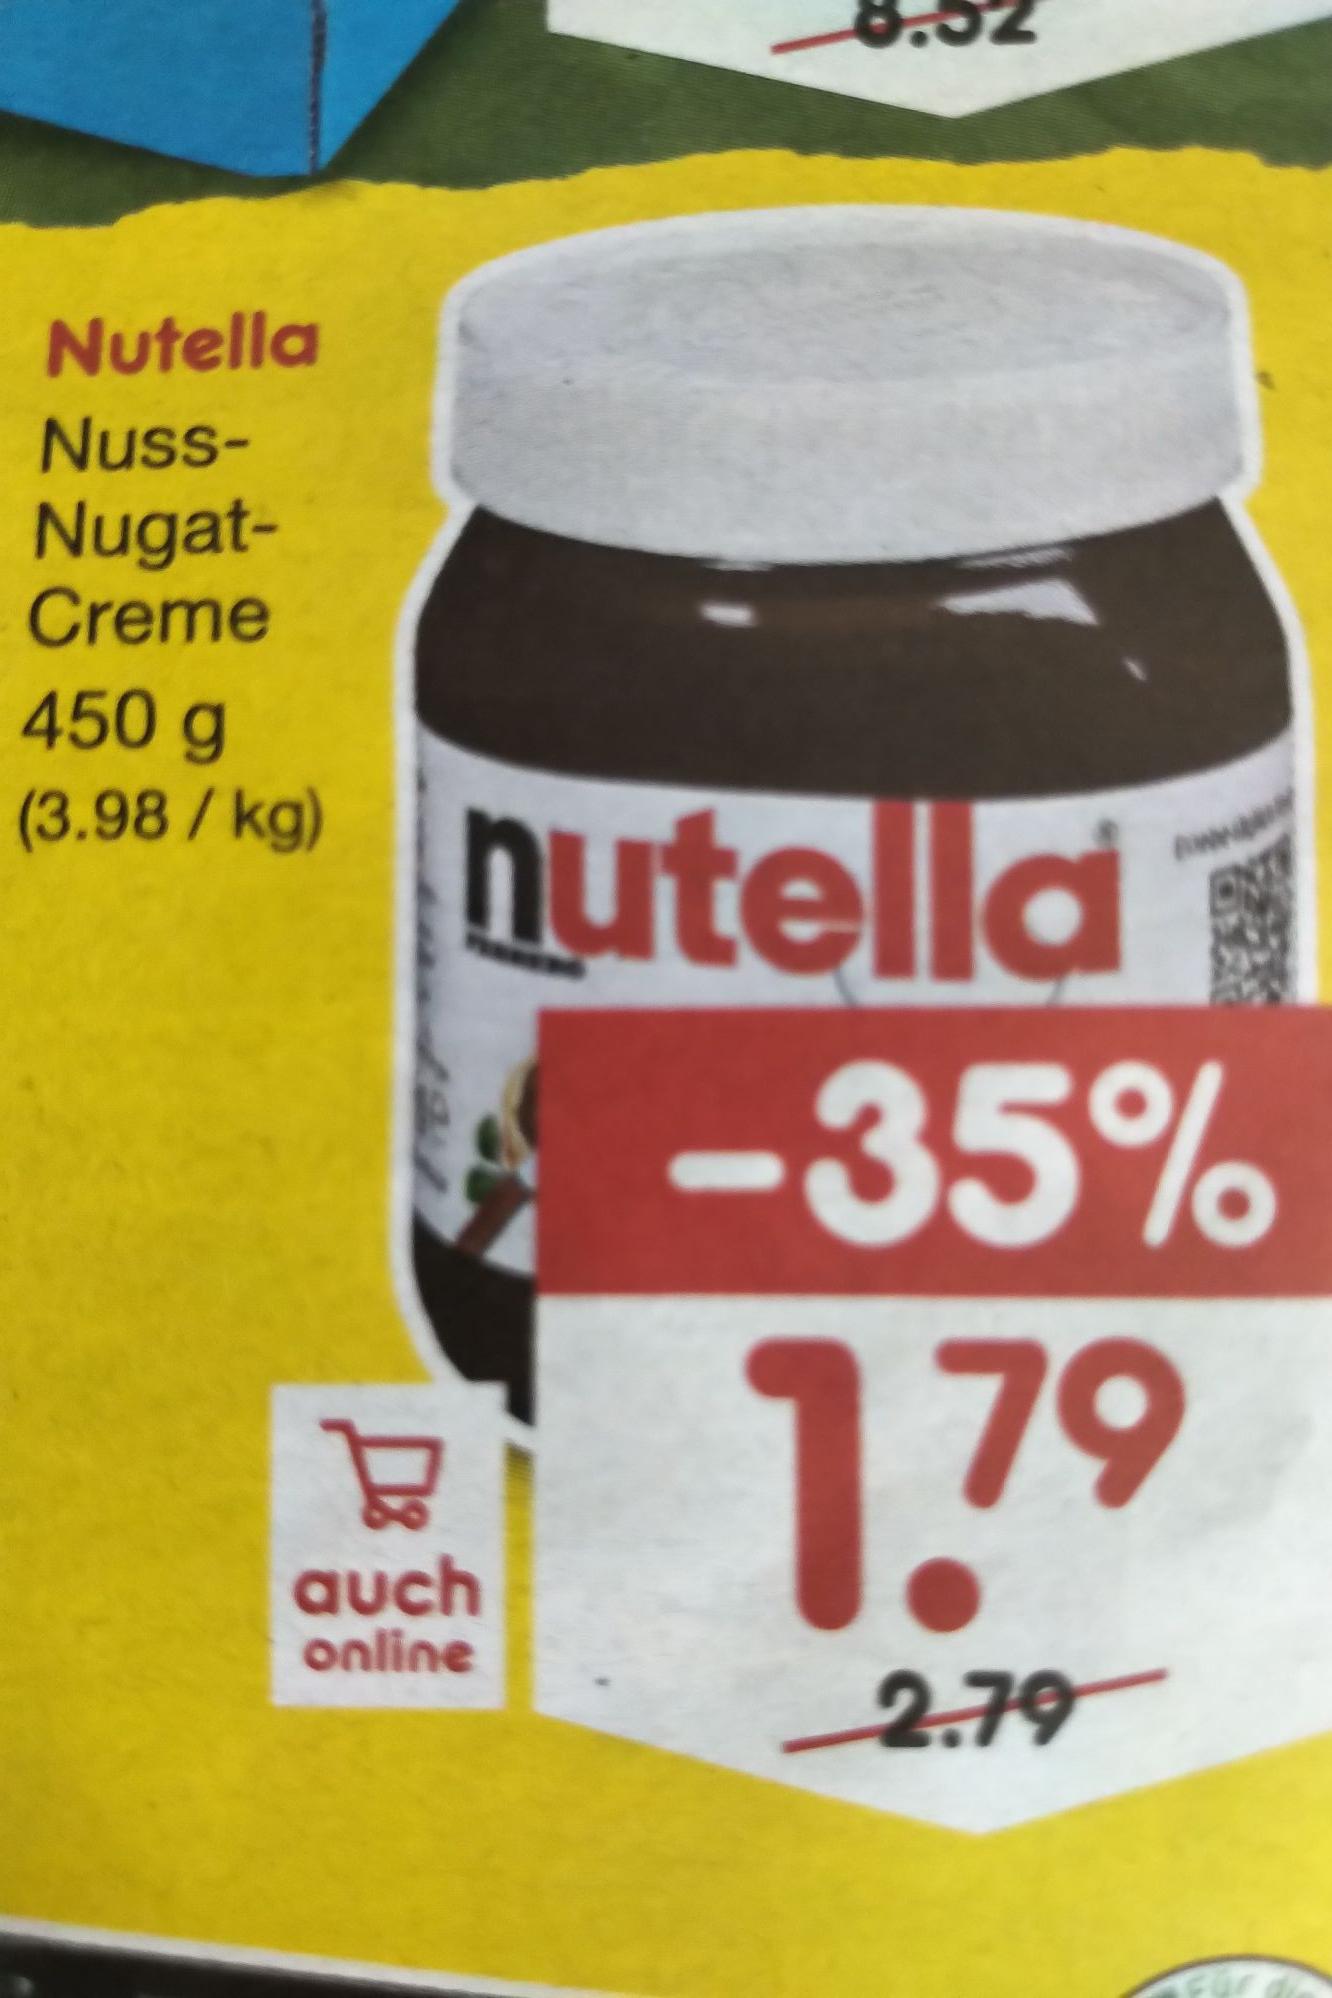 Nutella 450g bei Netto für 1,79€ (vielleicht mit 10€ DB eCoupons)